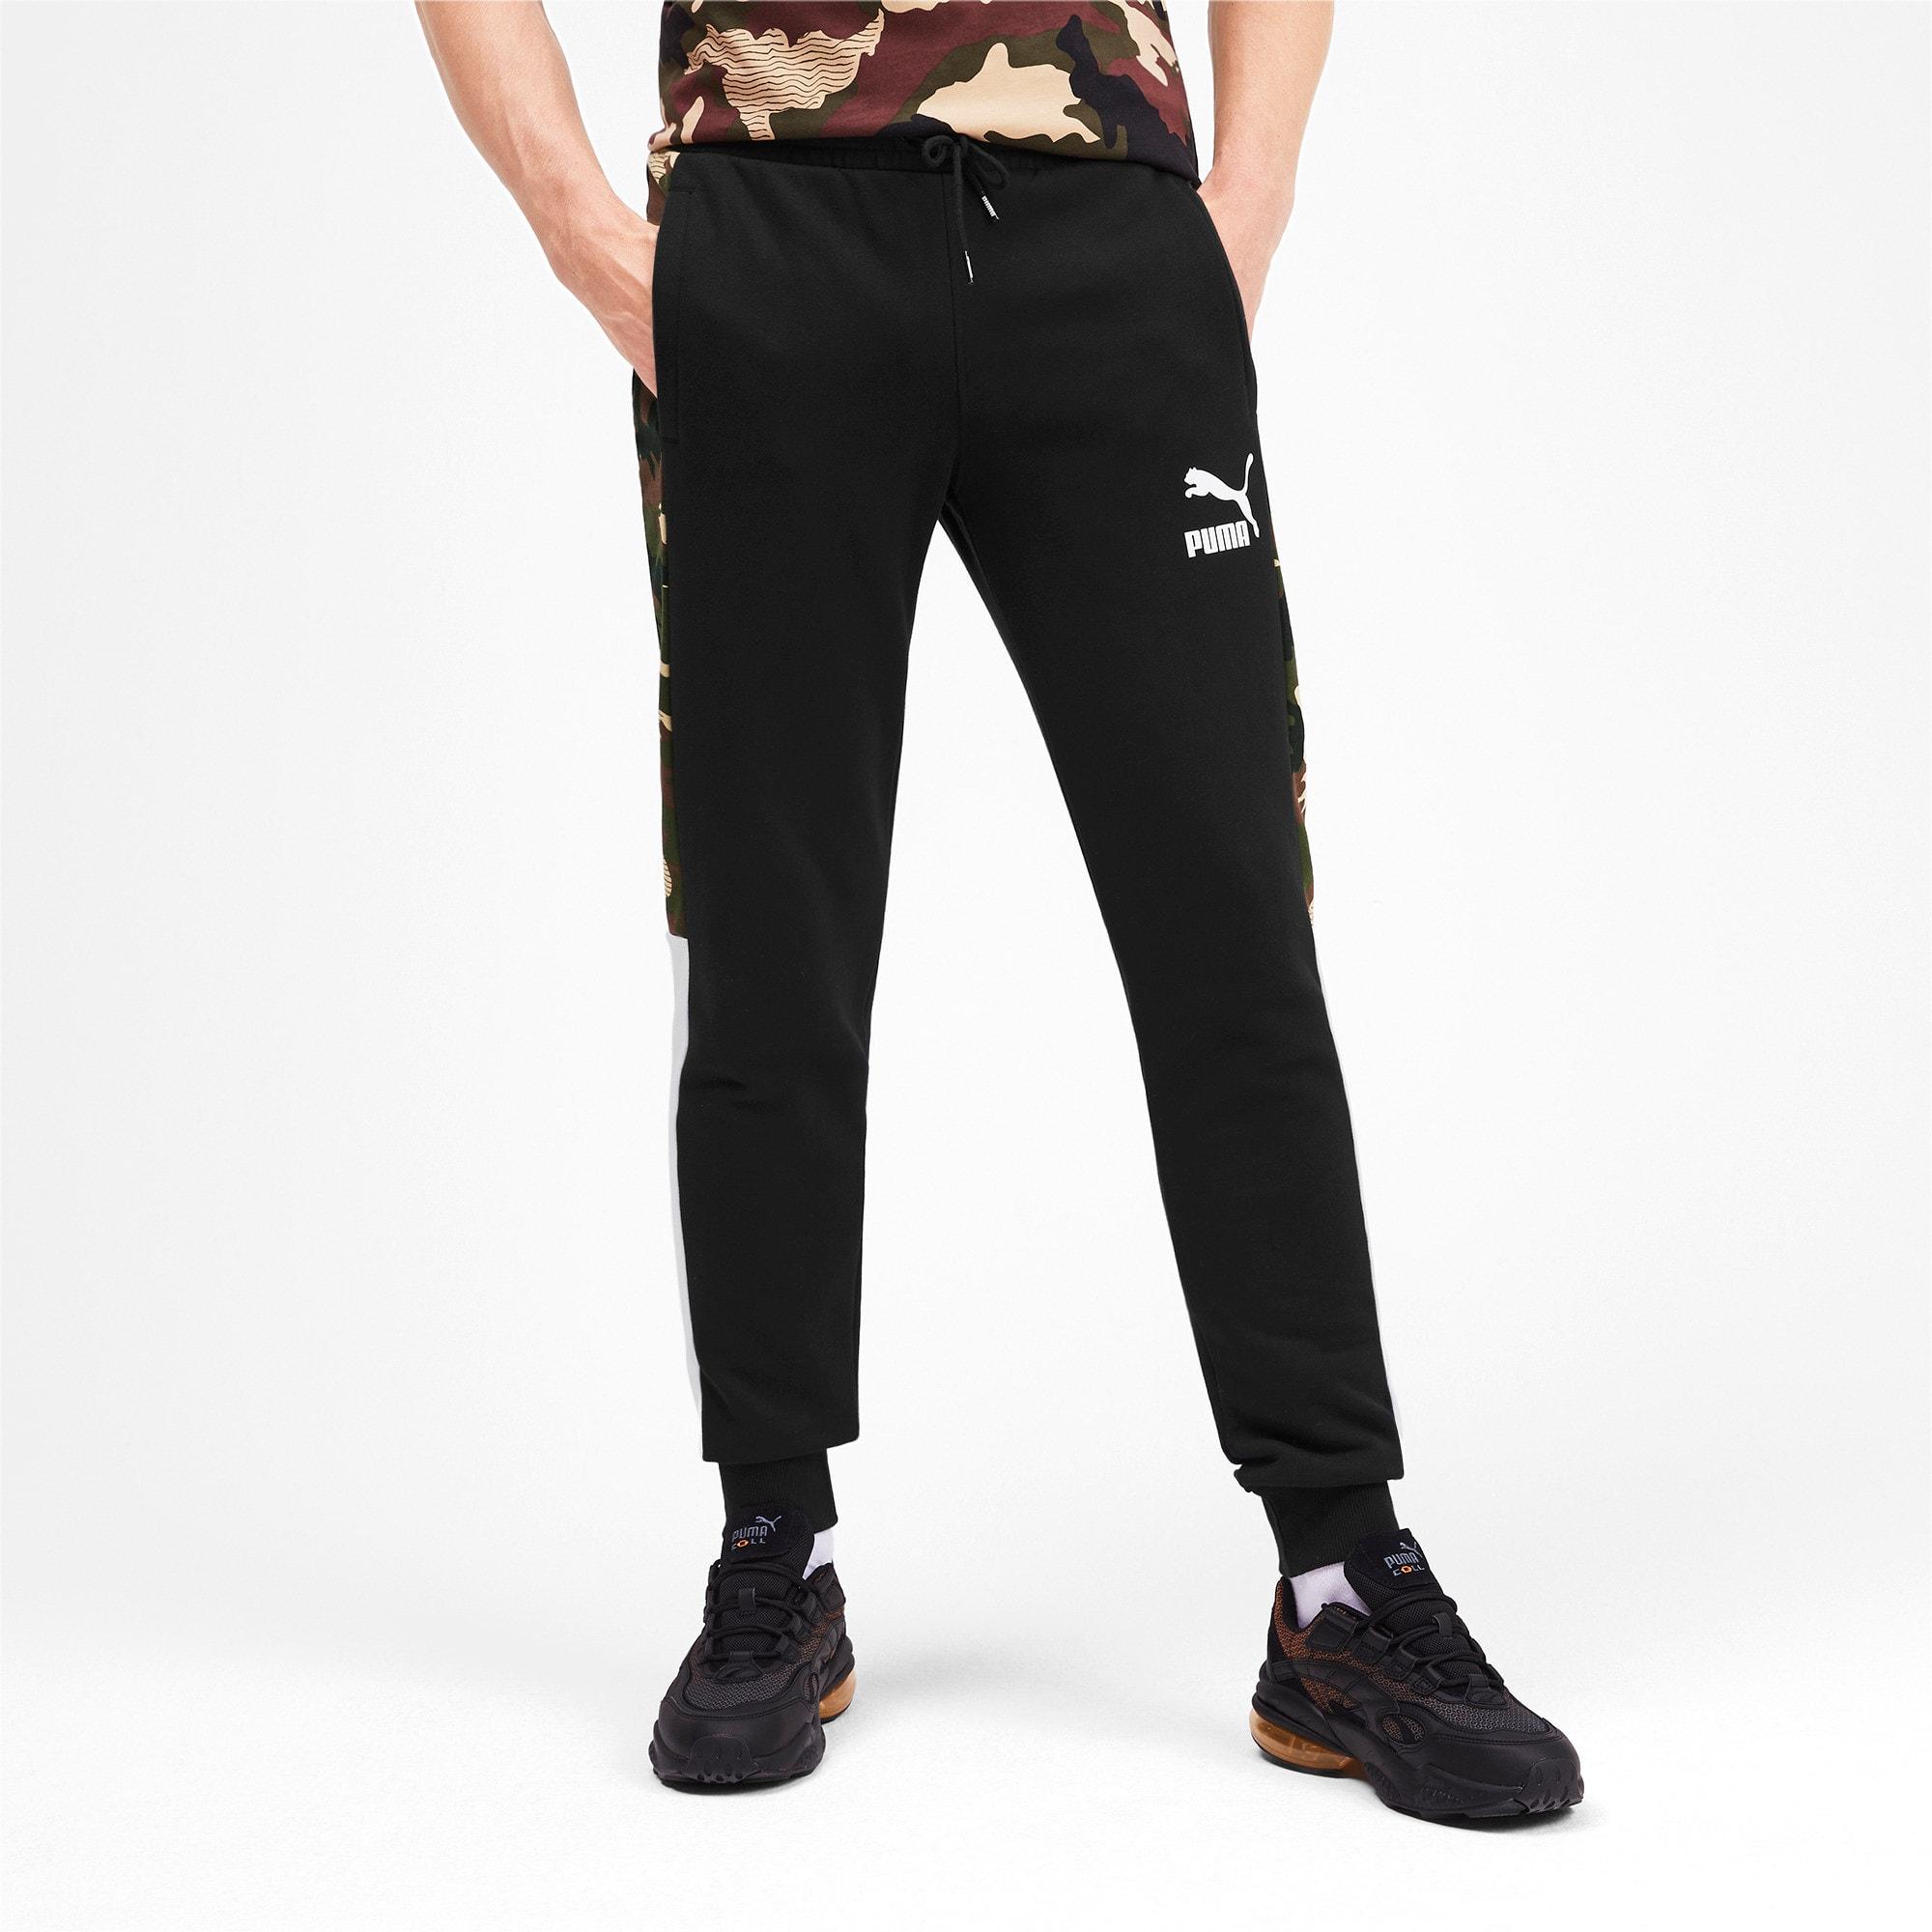 Thumbnail 1 of T7 Men's AOP Track Pants, Puma Black, medium